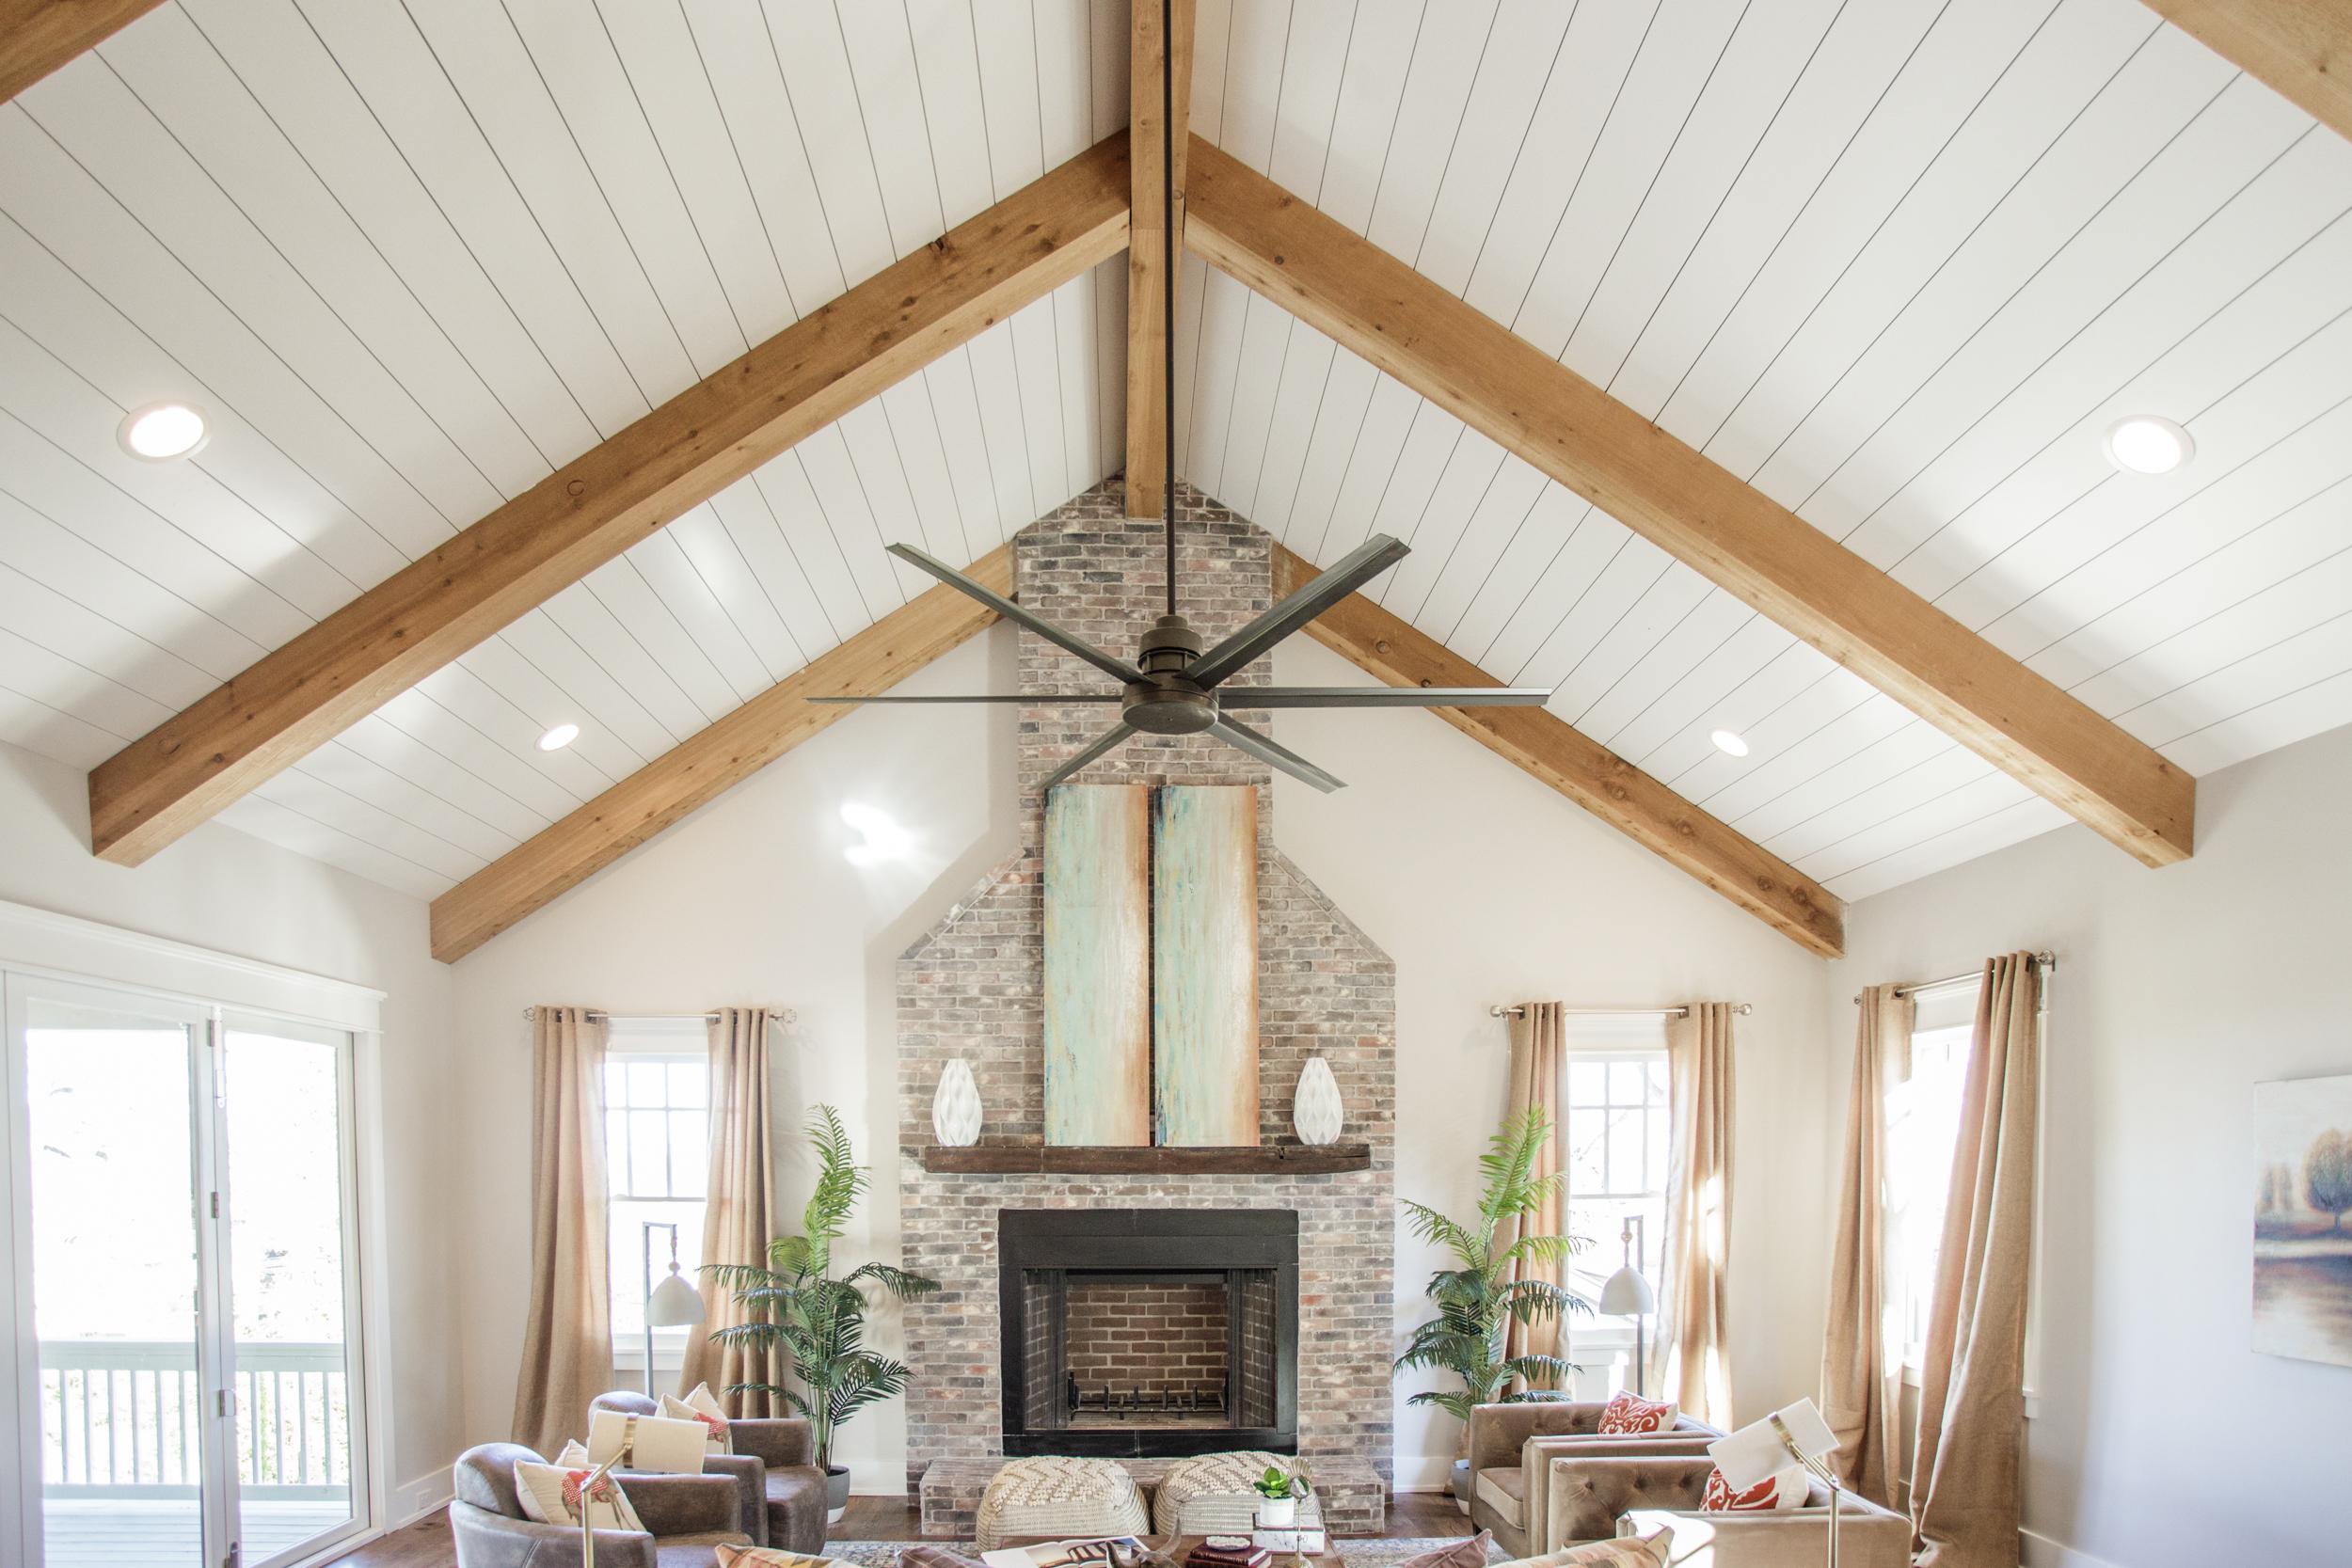 britt-development-group-nashville-tennessee-custom-home-builder-historic-renovation-0596.jpg